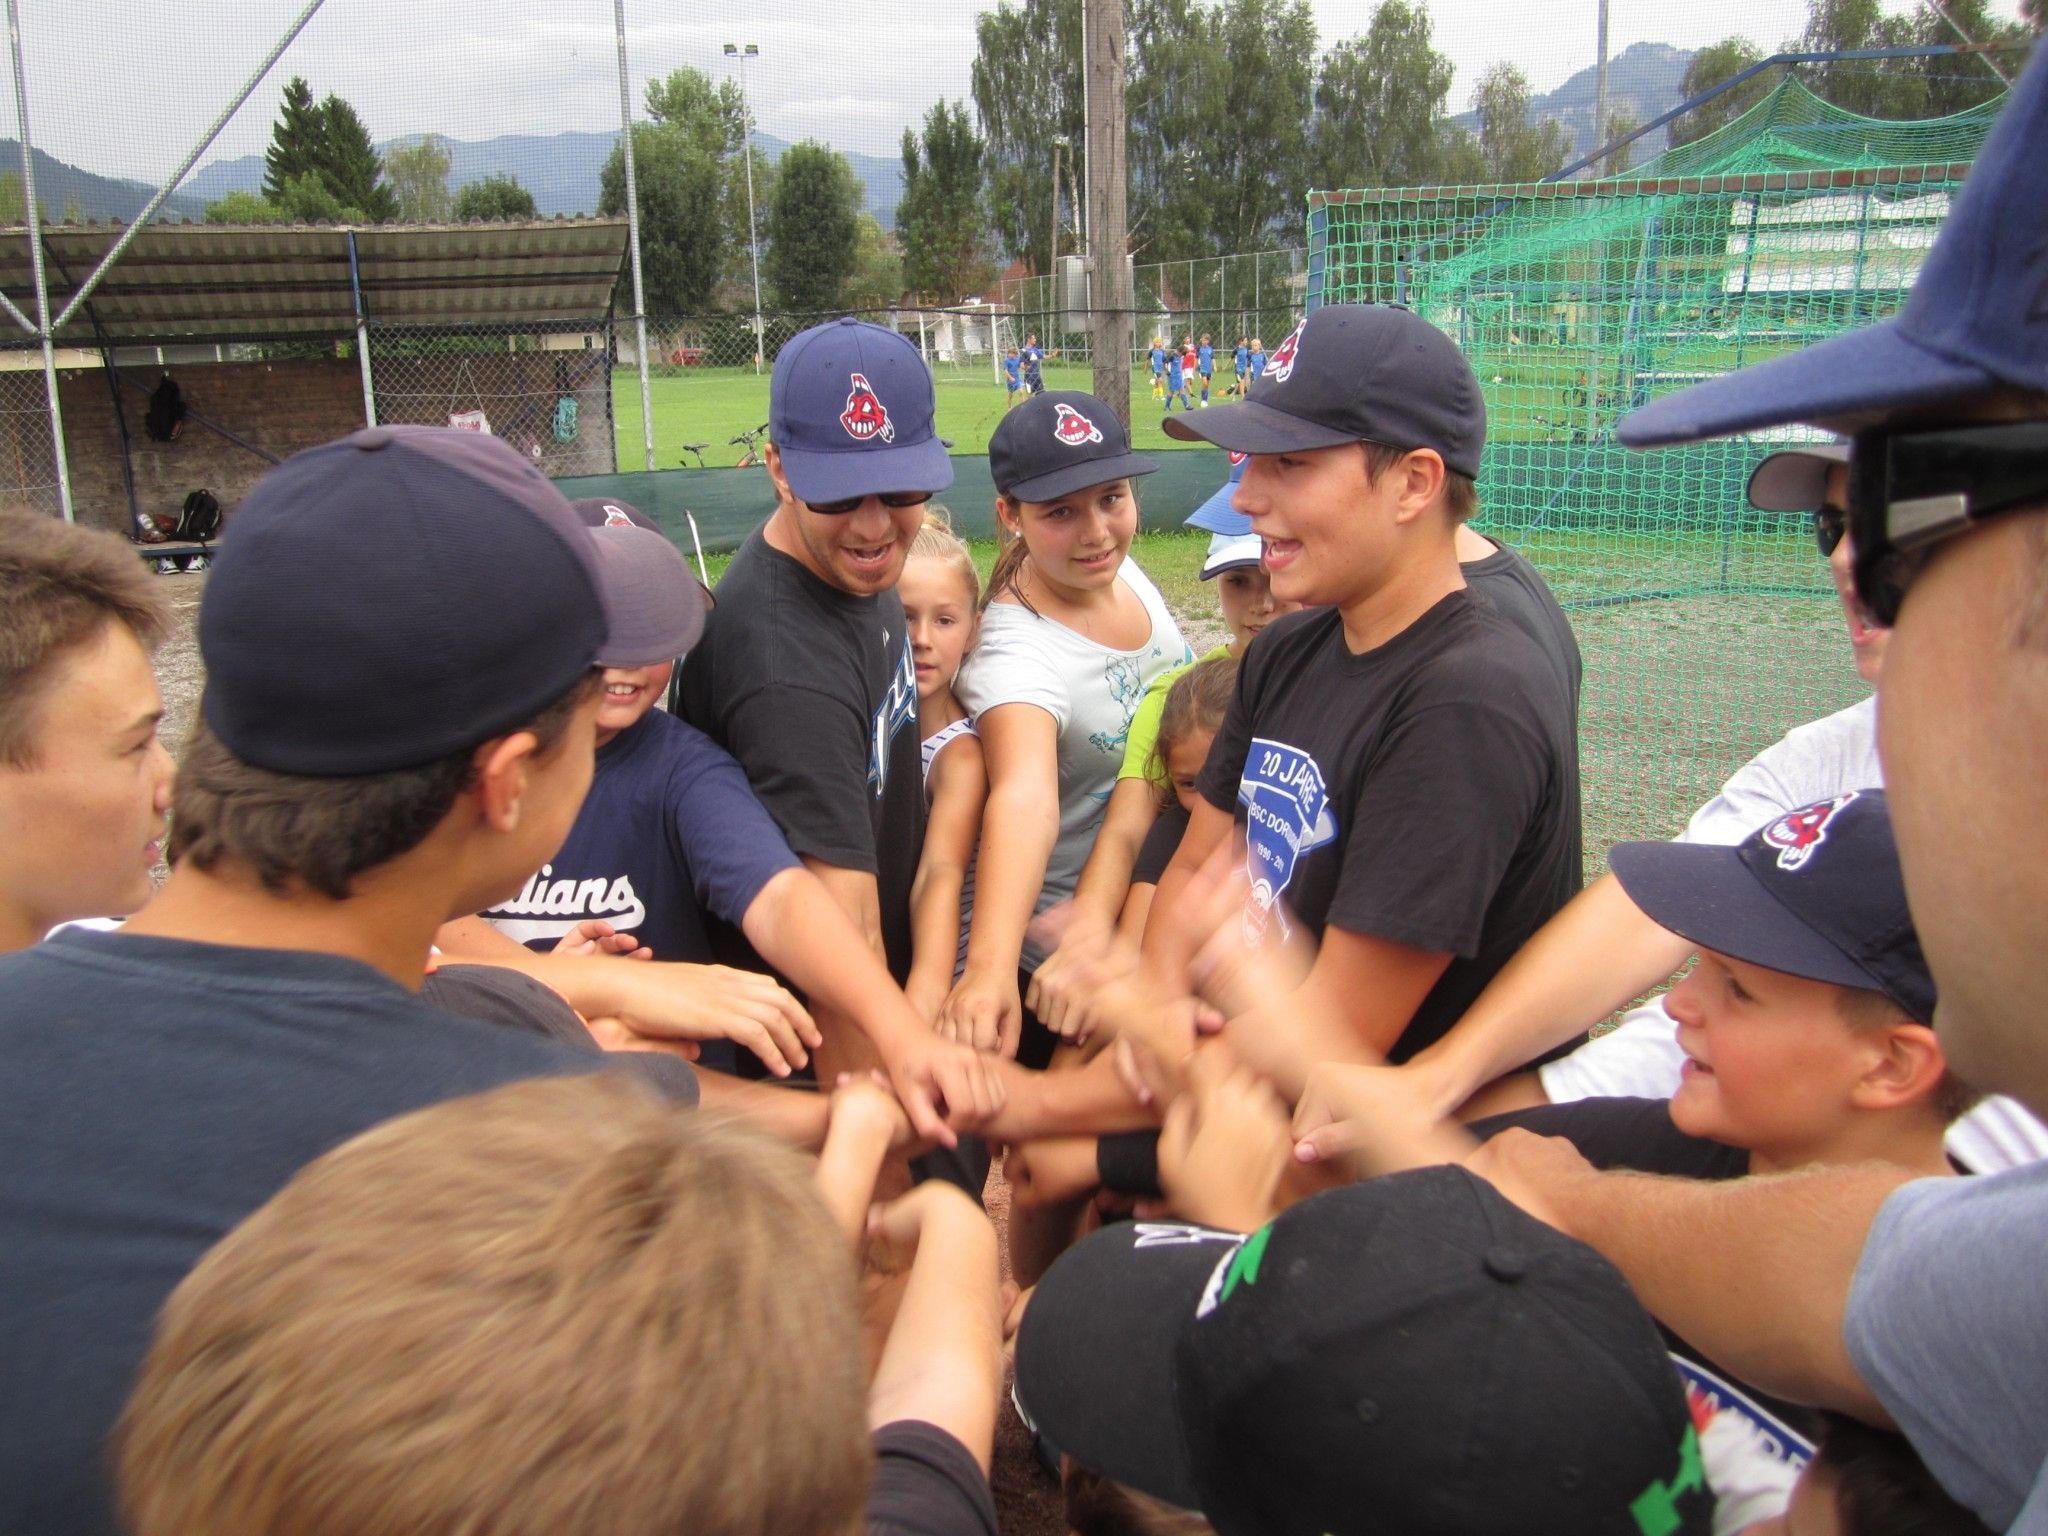 Kinder ab sechs Jahren können mit dieser trendigen Sportart Baseball beginnen